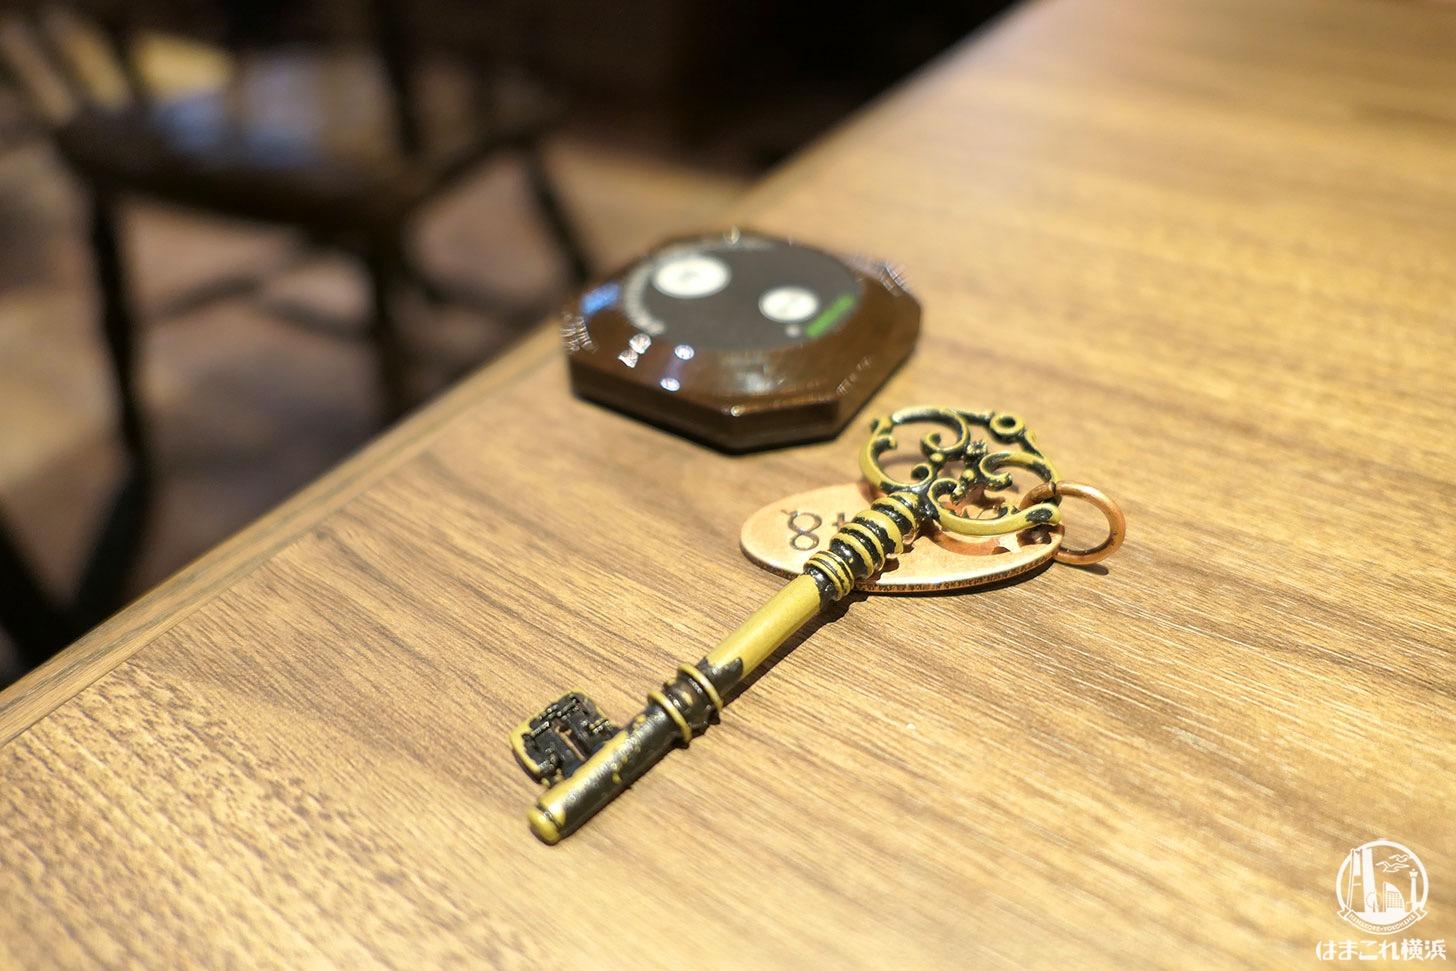 テーブル番号を示した鍵